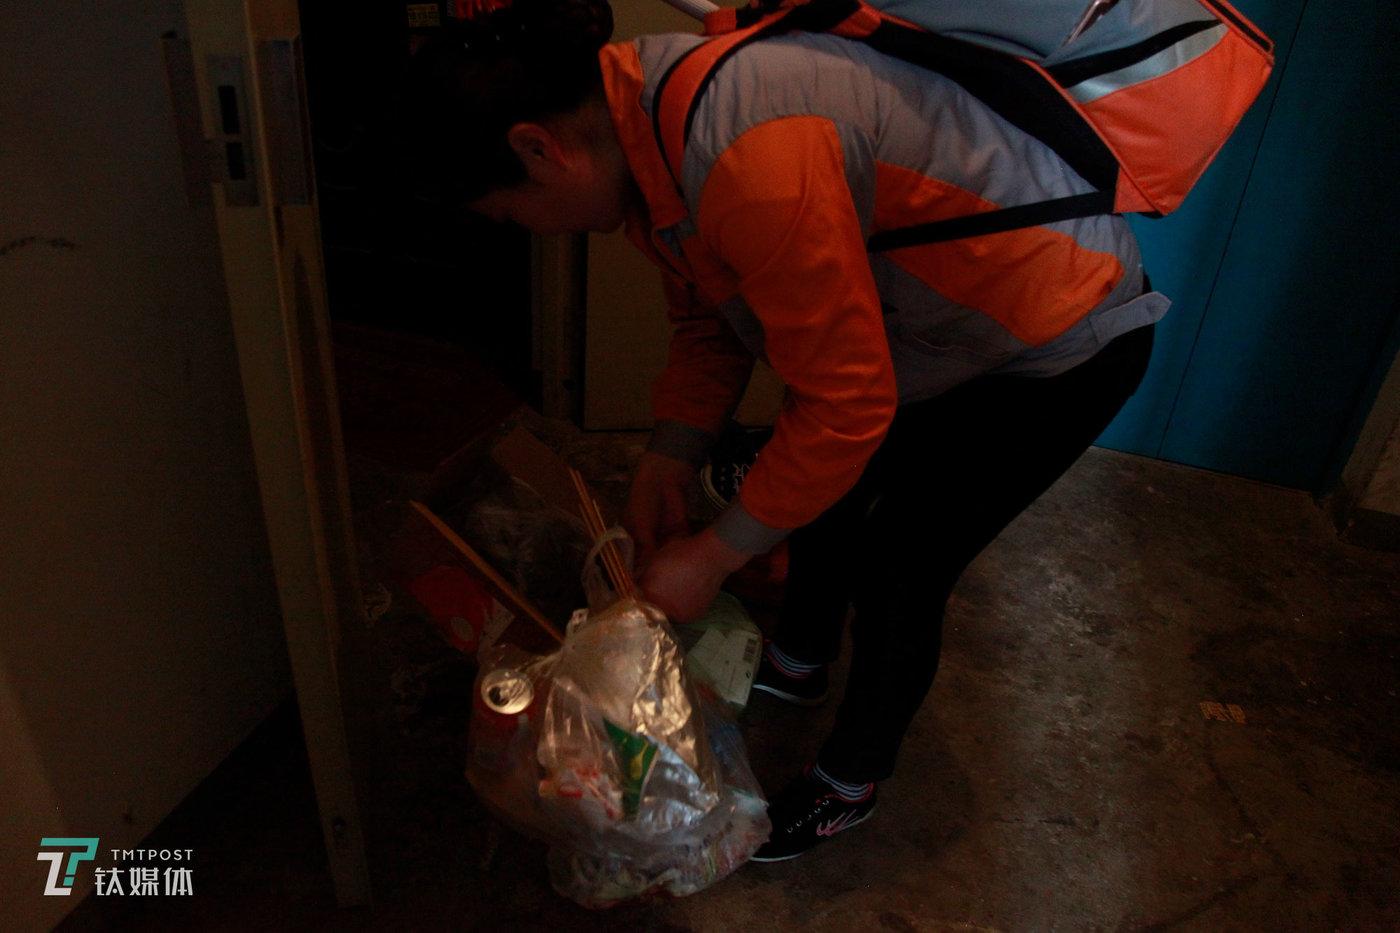 打扫完毕,夏芸将租客家的垃圾带走。